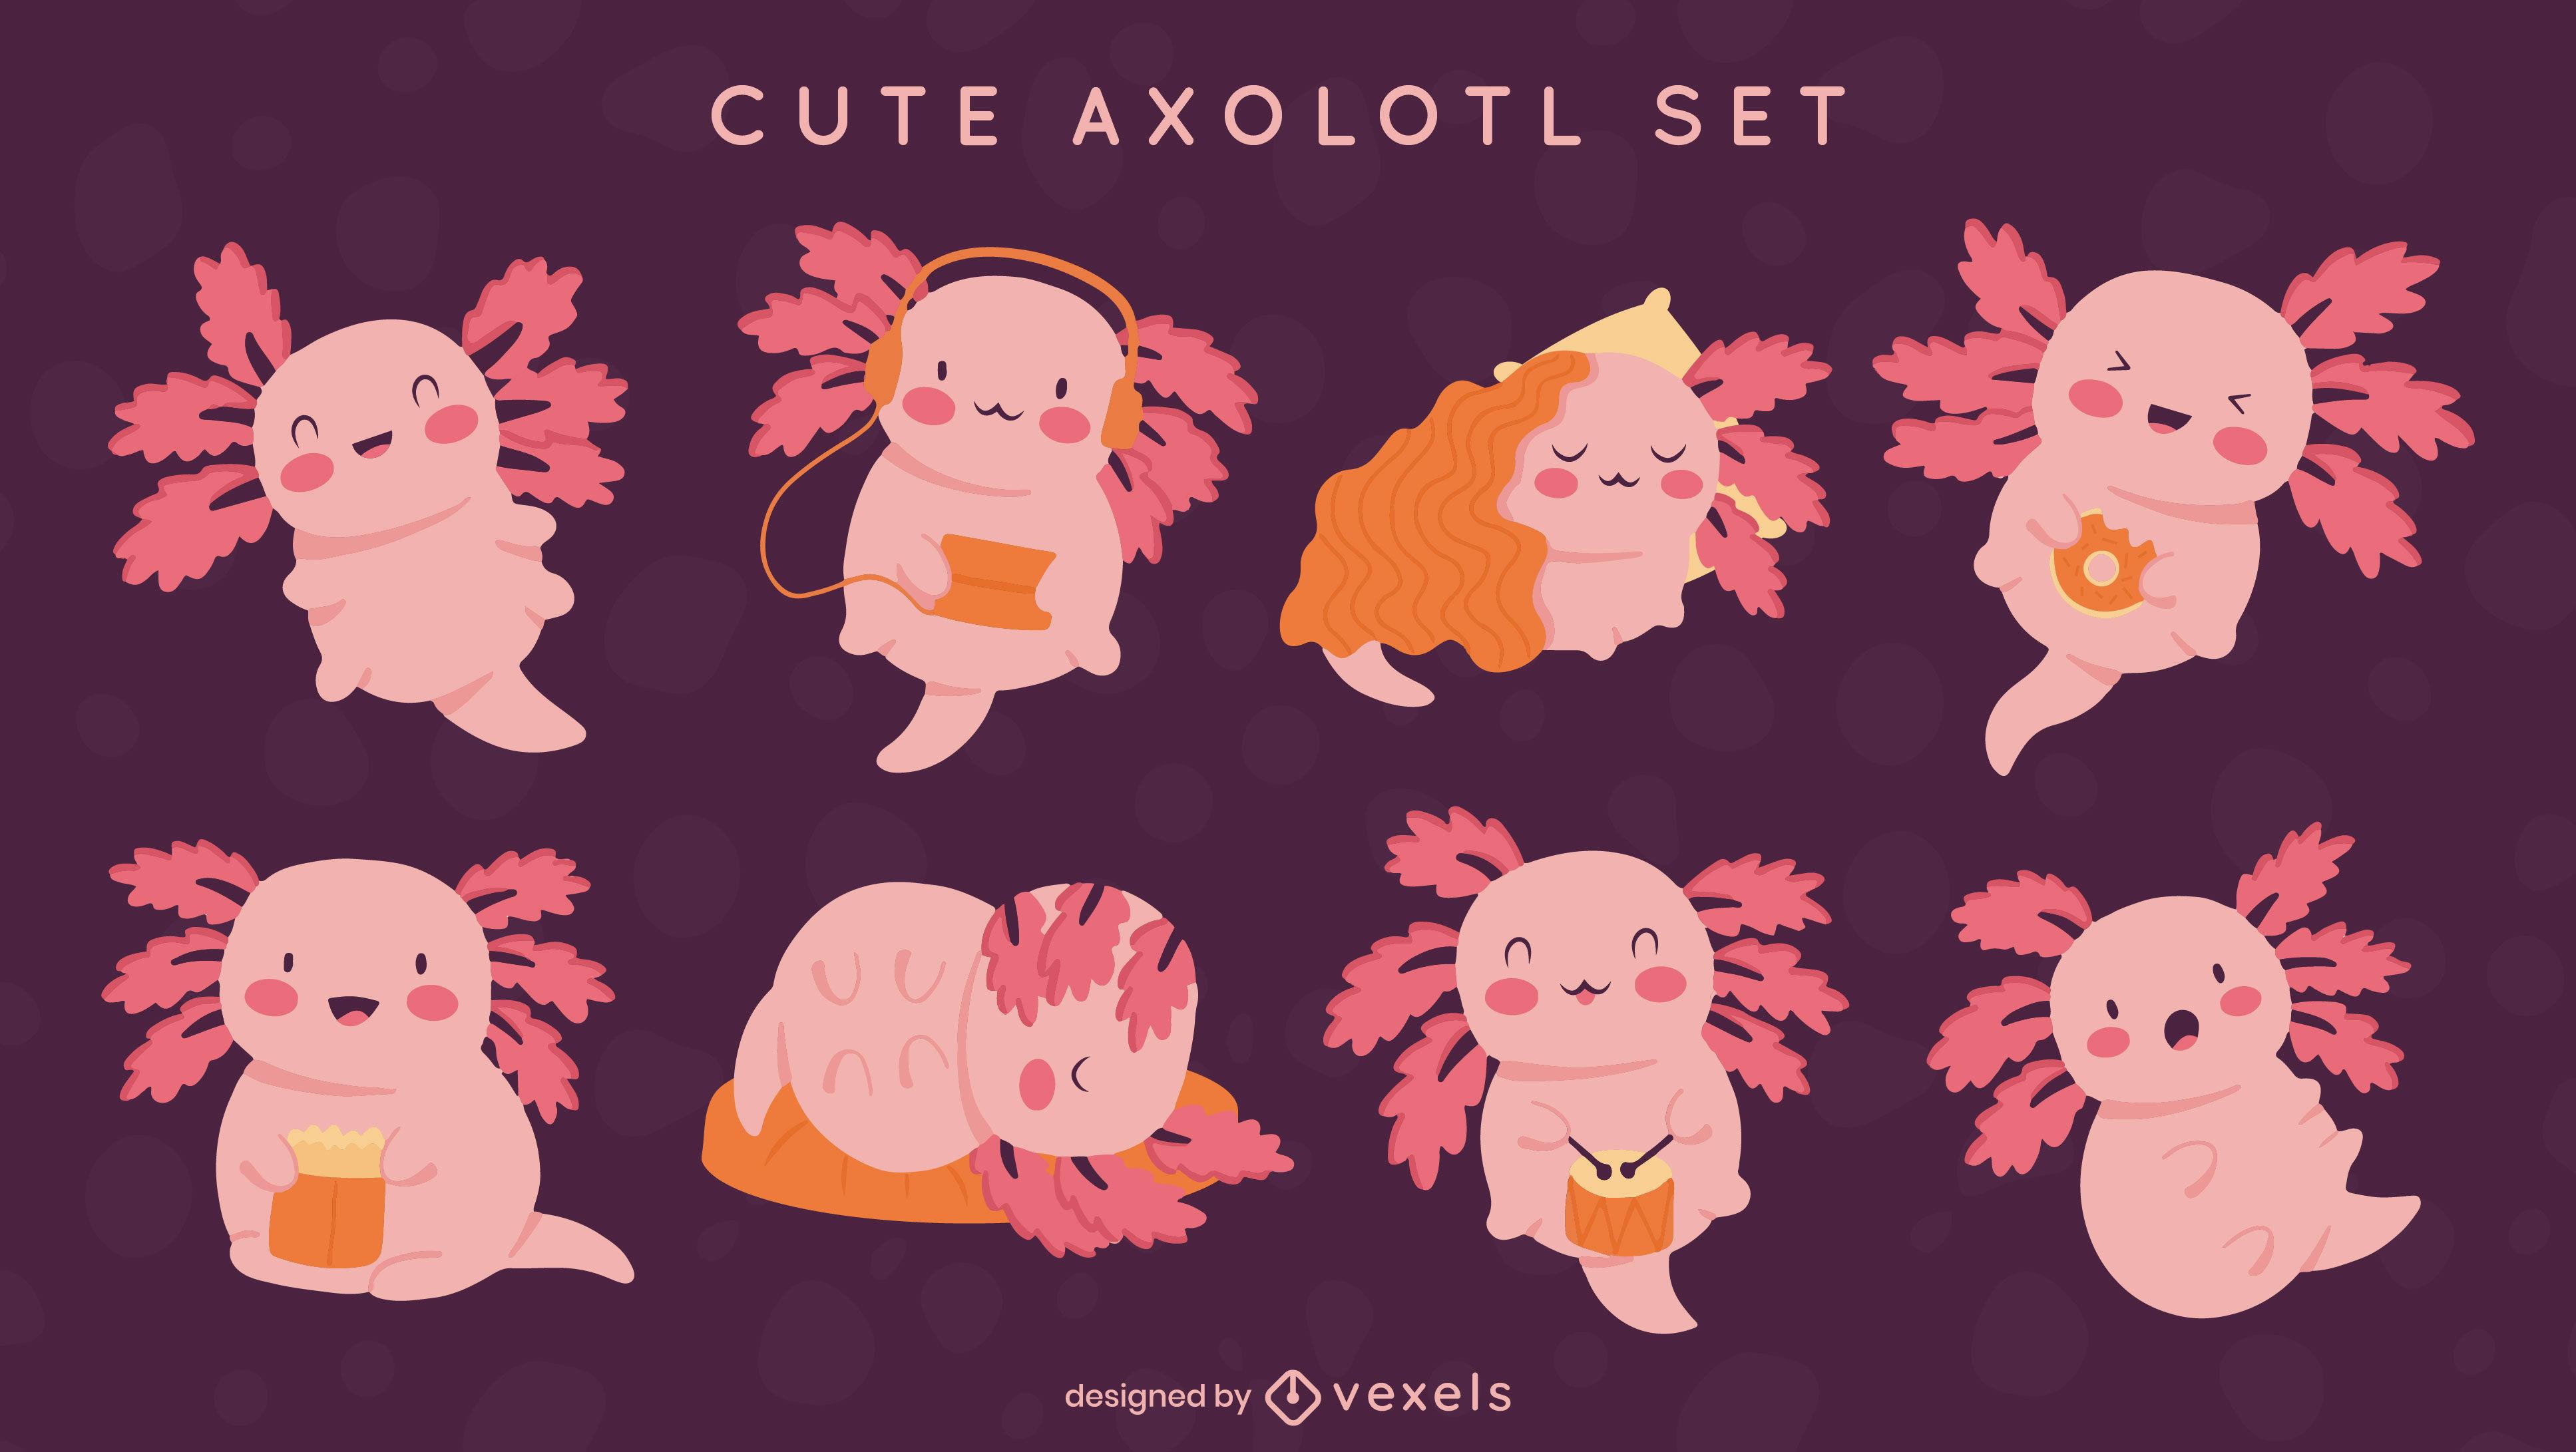 Entzückender Axolotl-Tierzeichensatz